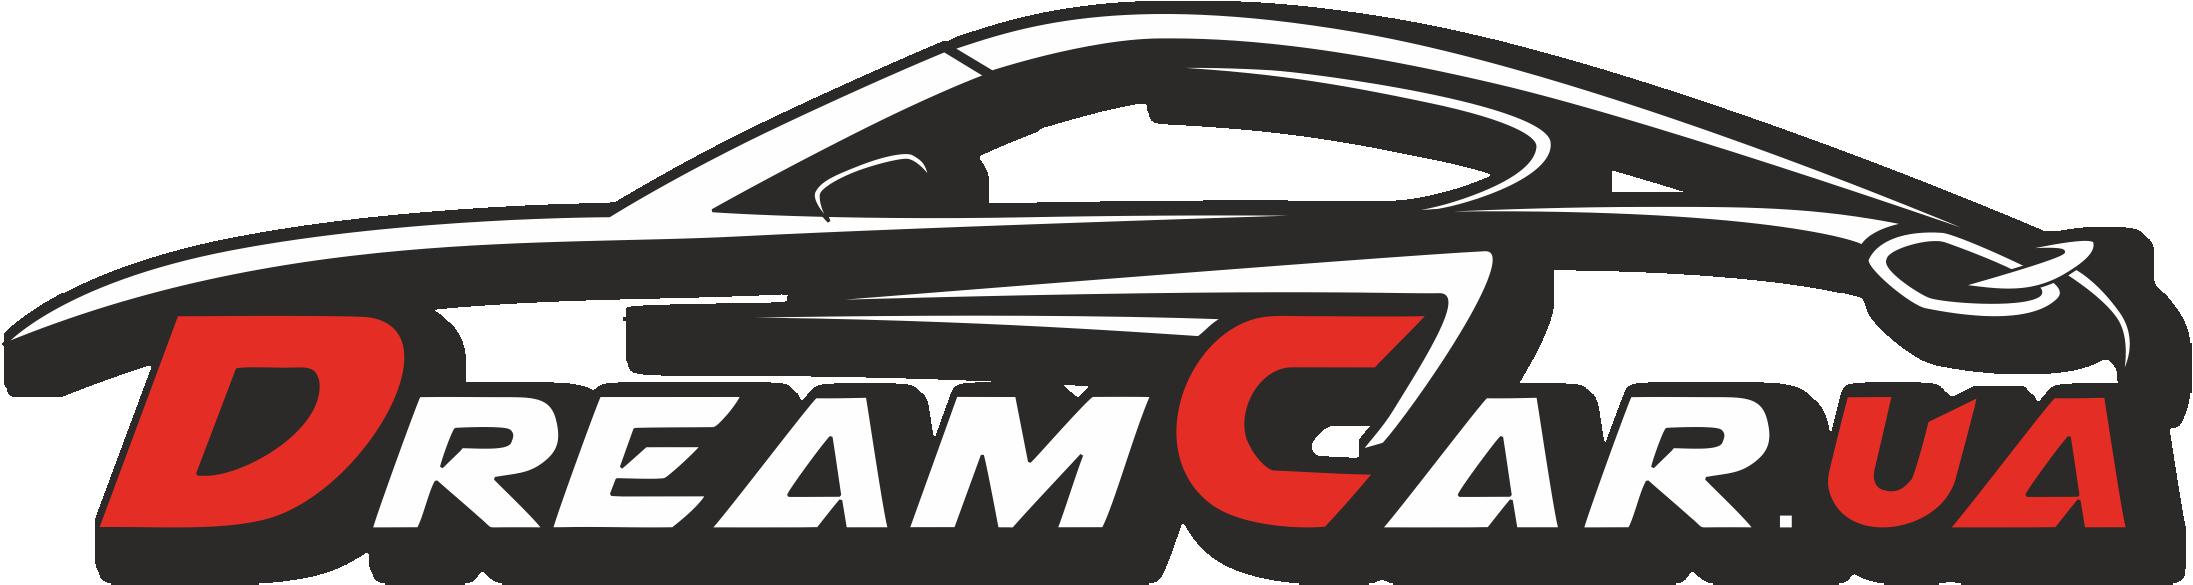 DreamCar.ua